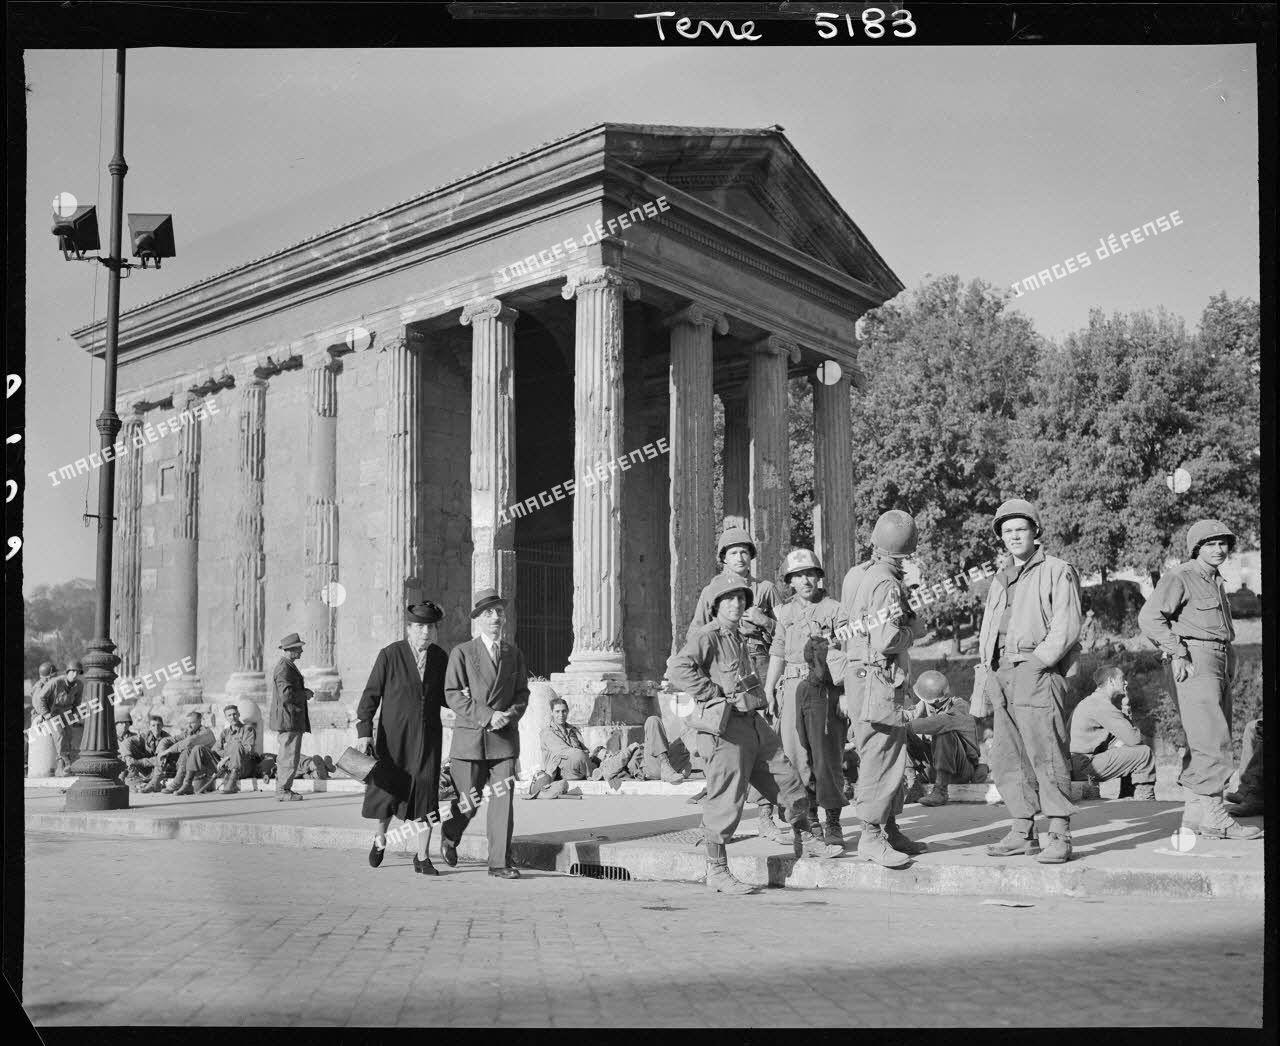 Des fantassins américains de la 34th infantry division (division d'infanterie) font une halte devant le temple de Portunus dans Rome libérée.<br>